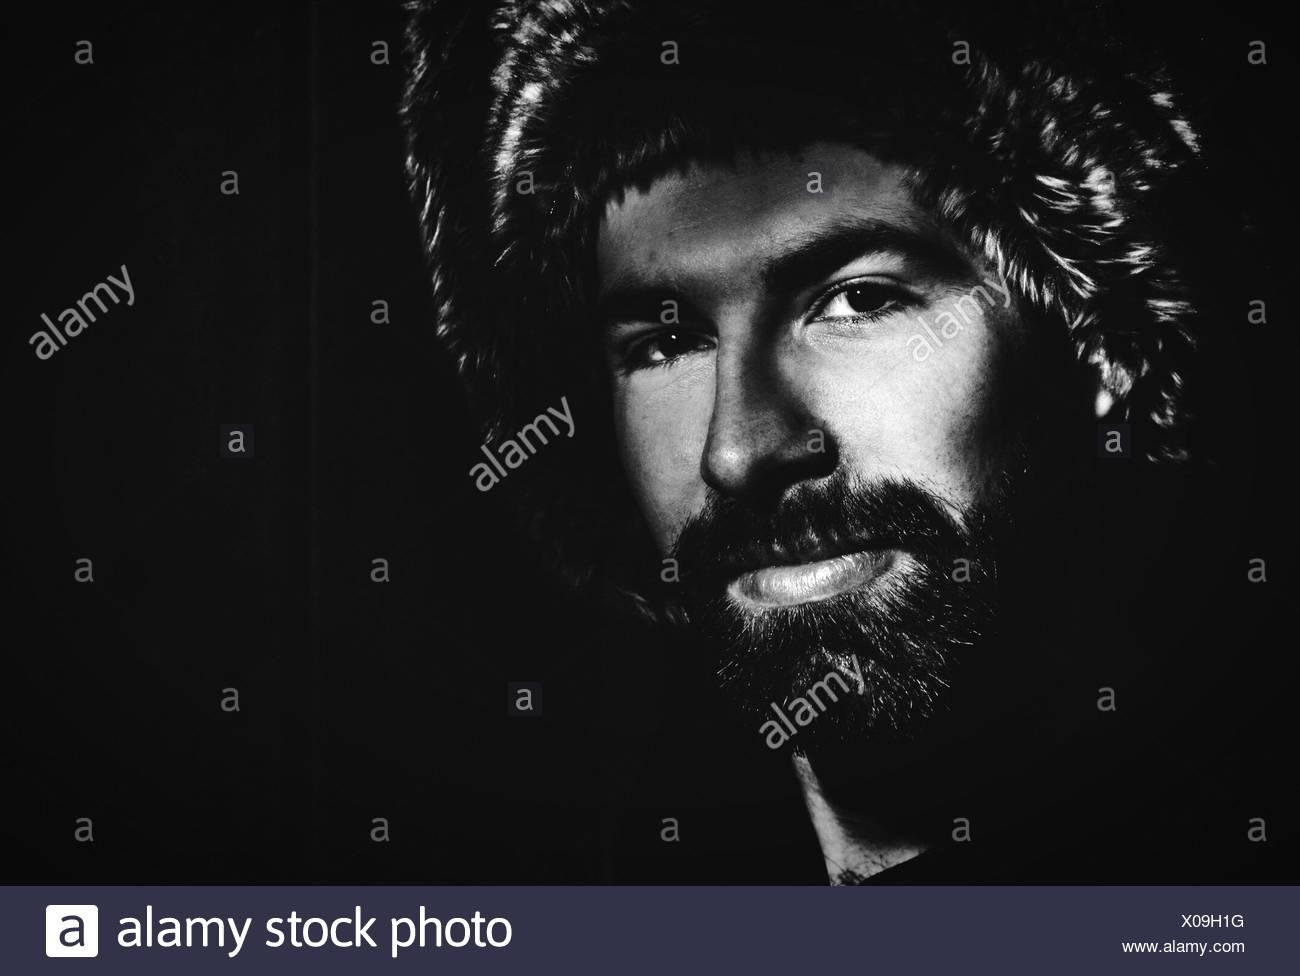 Portrait Of Smiling jungen Mann Stockbild